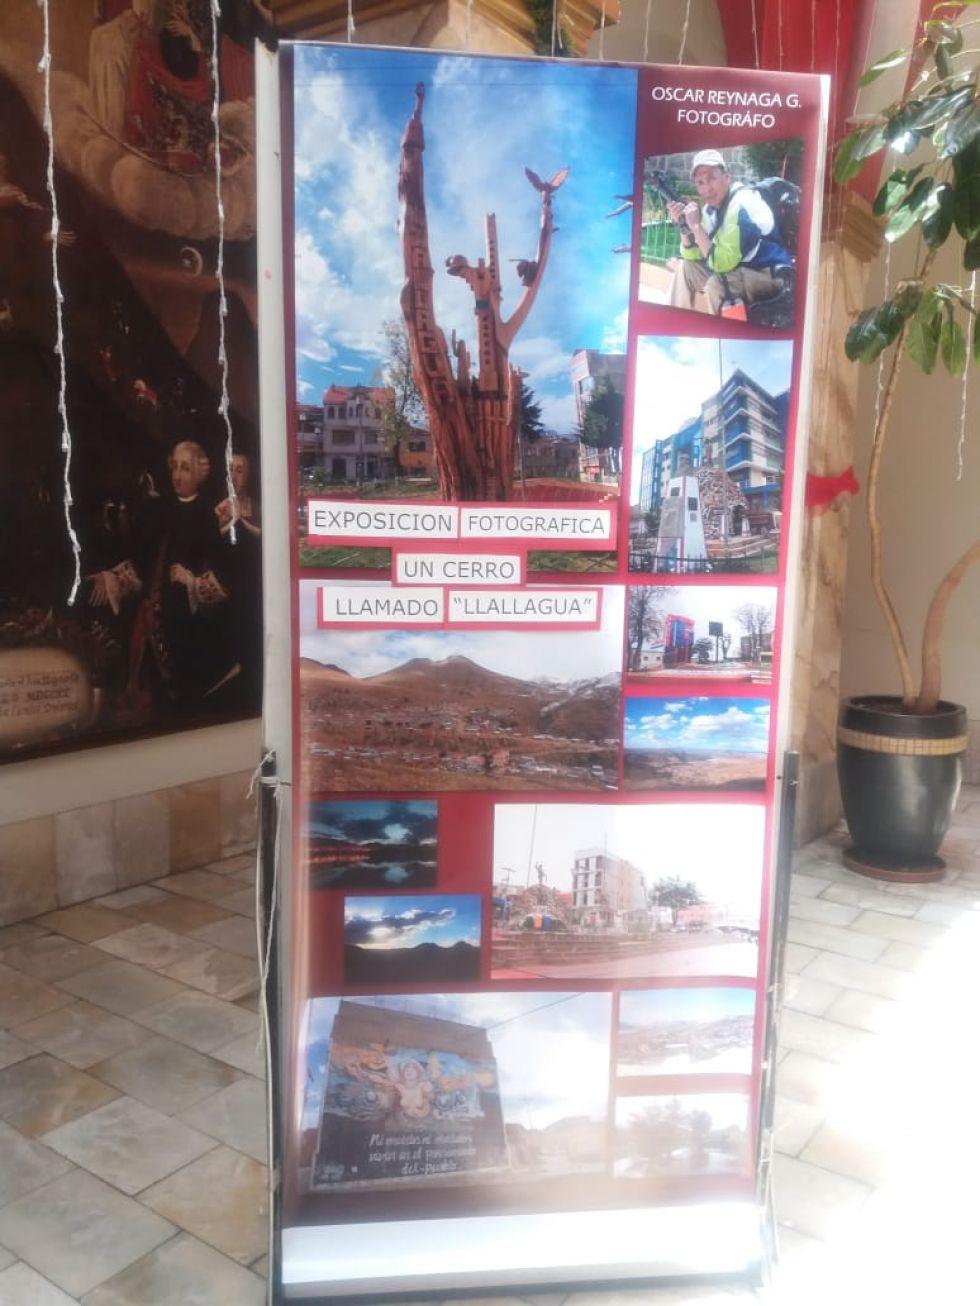 La exposición se realiza en el Museo del Cabildo.